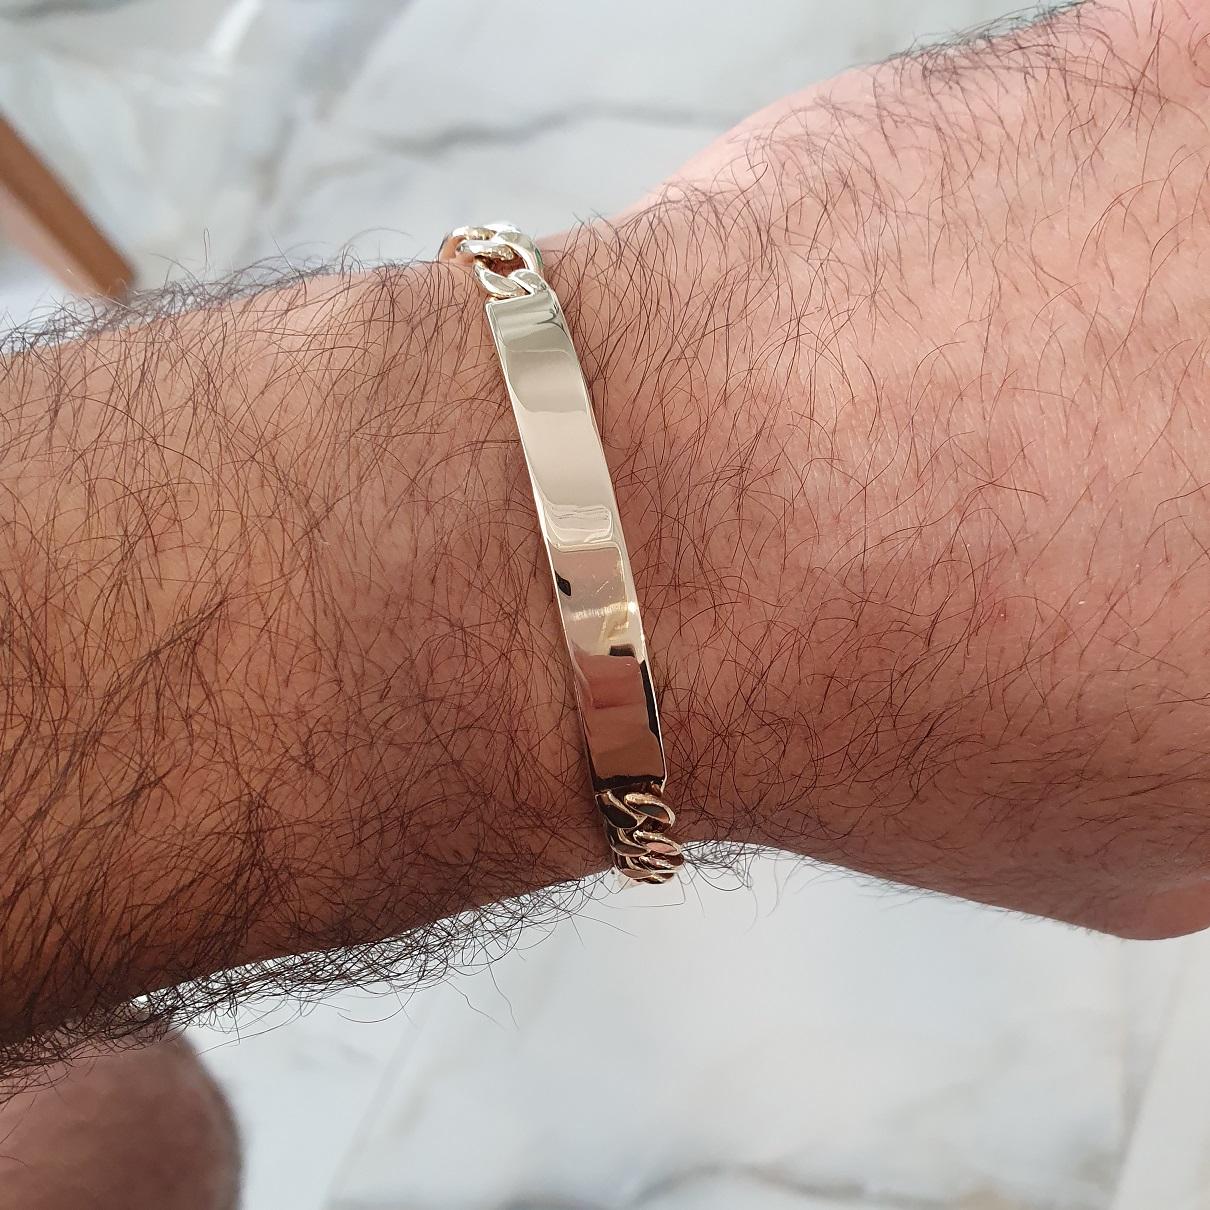 צמיד זהב איטלקי לגבר חוליות פיגרו וחריטה